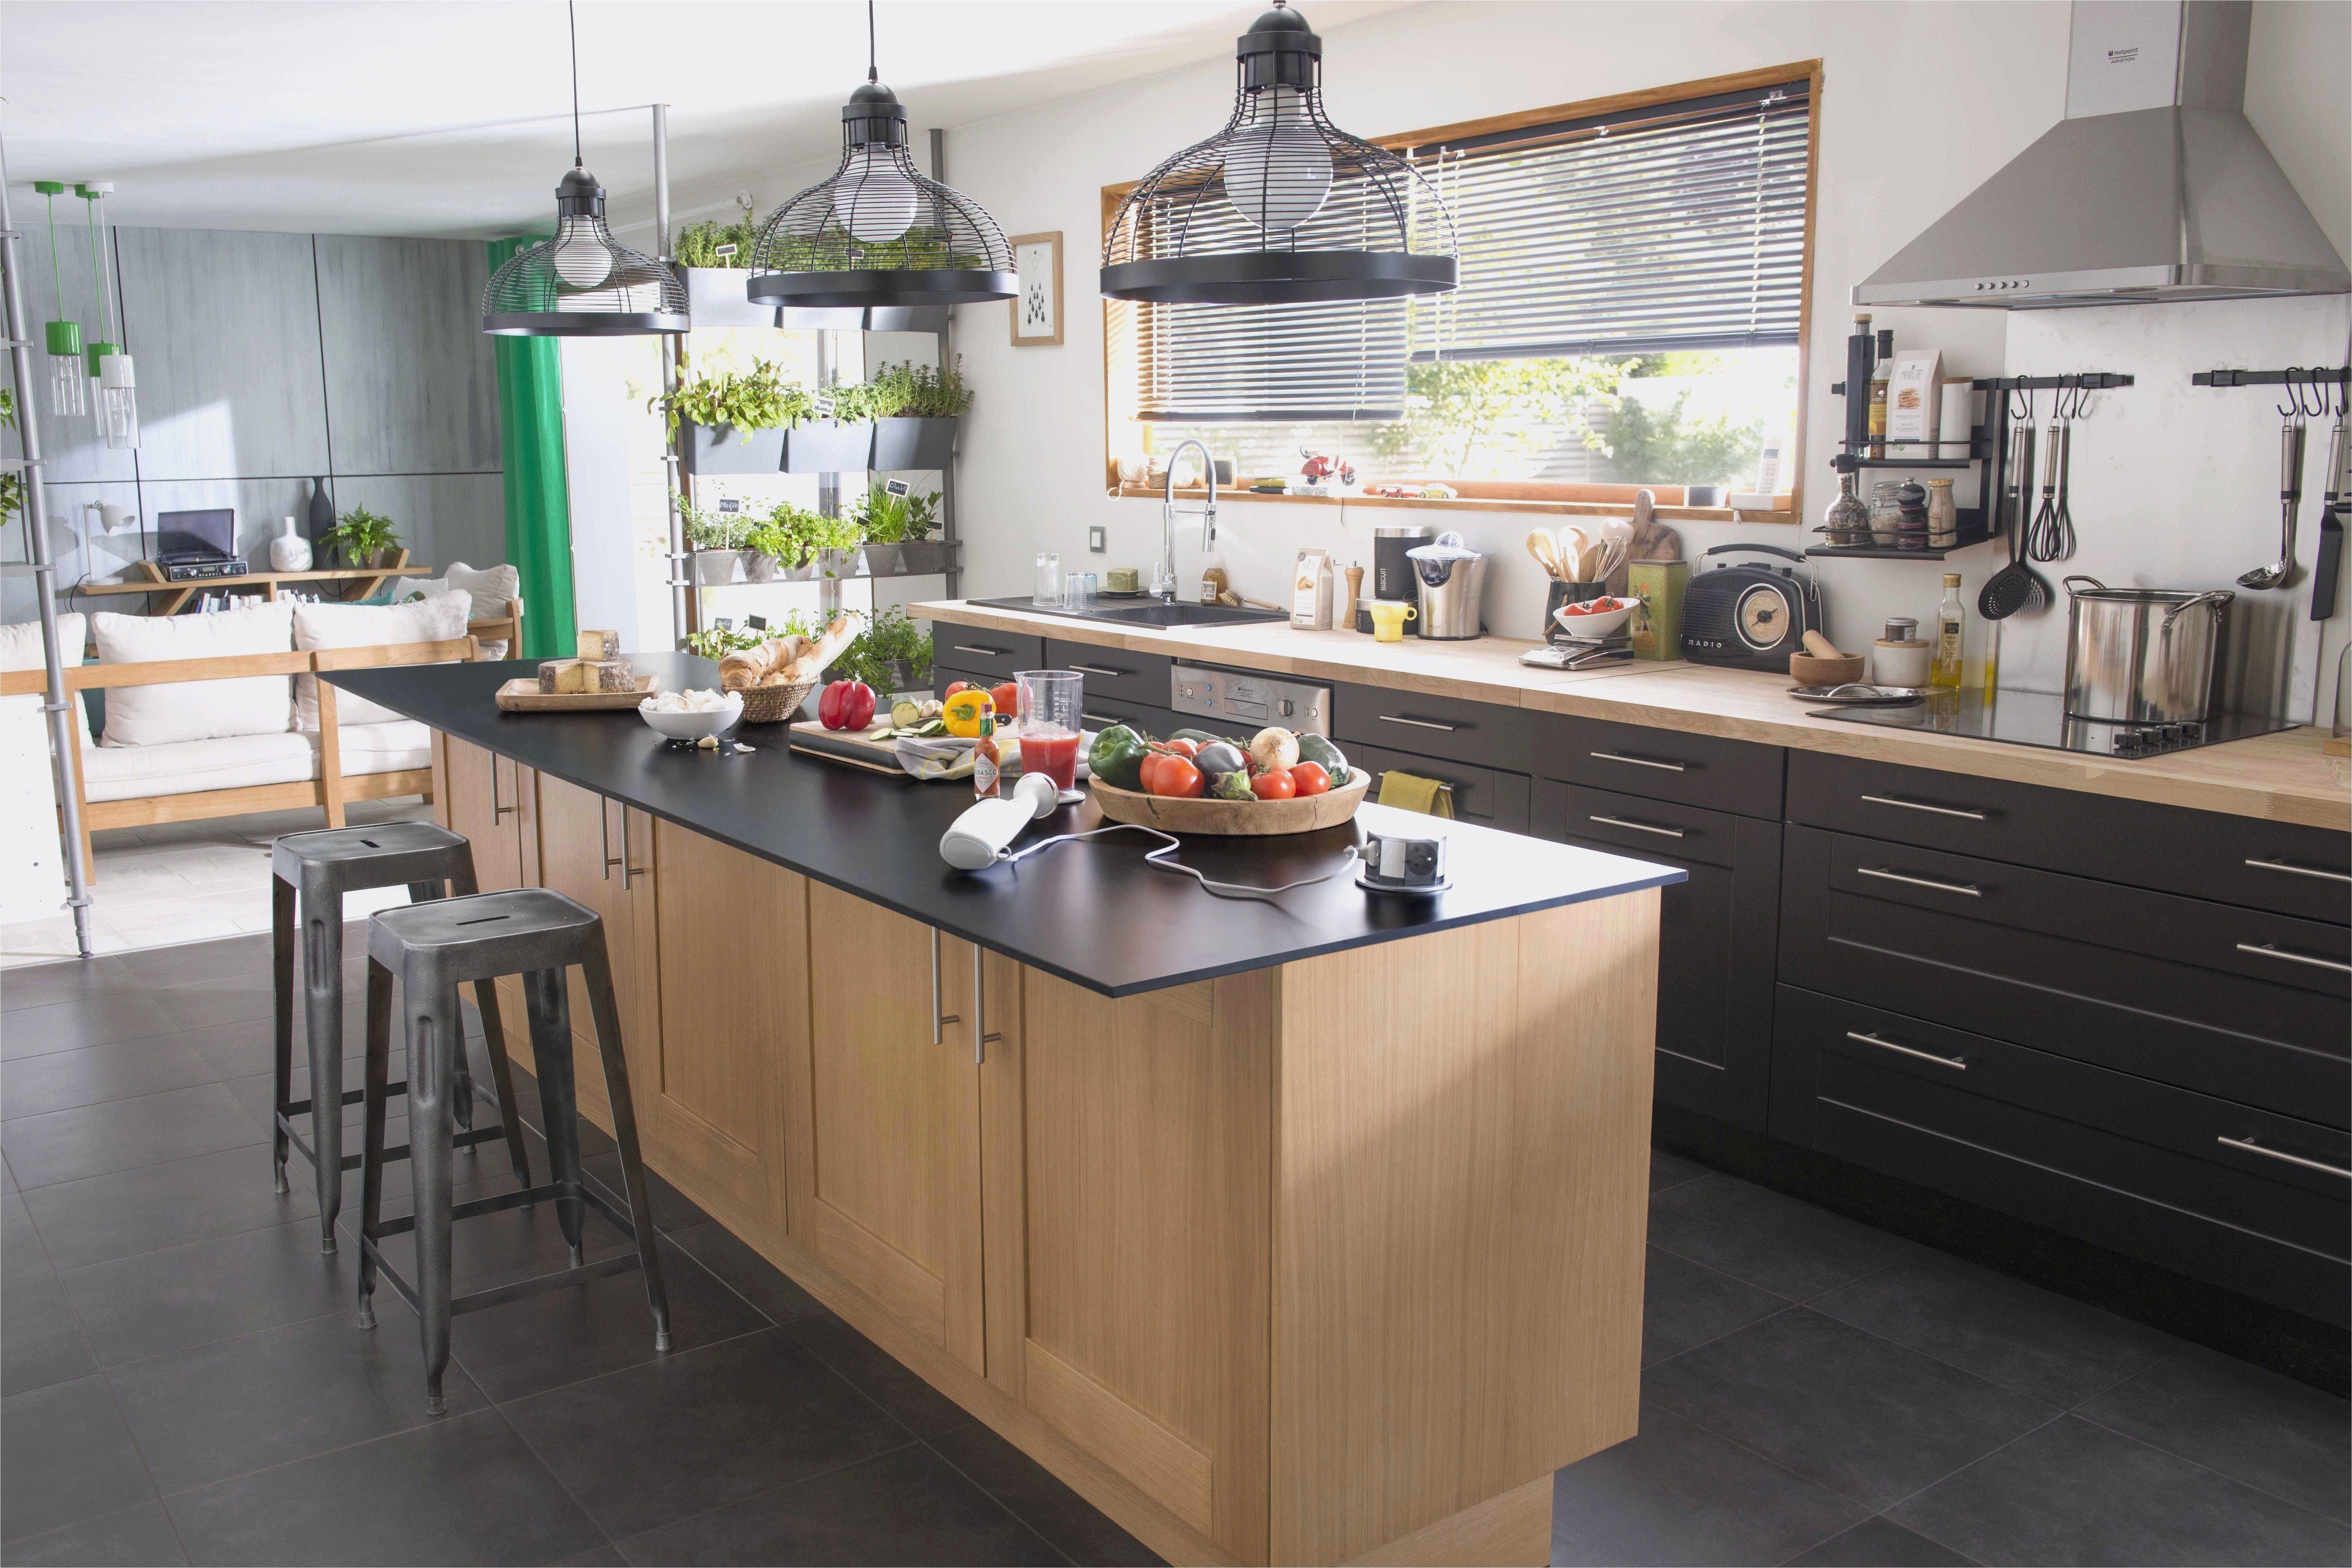 Ikea Bar Cuisine Beau Interessant Cuisine Ilot Central Ikea Generation Pov Film Com Meuble Cuisine Cuisine Moderne Ilots Central Cuisine